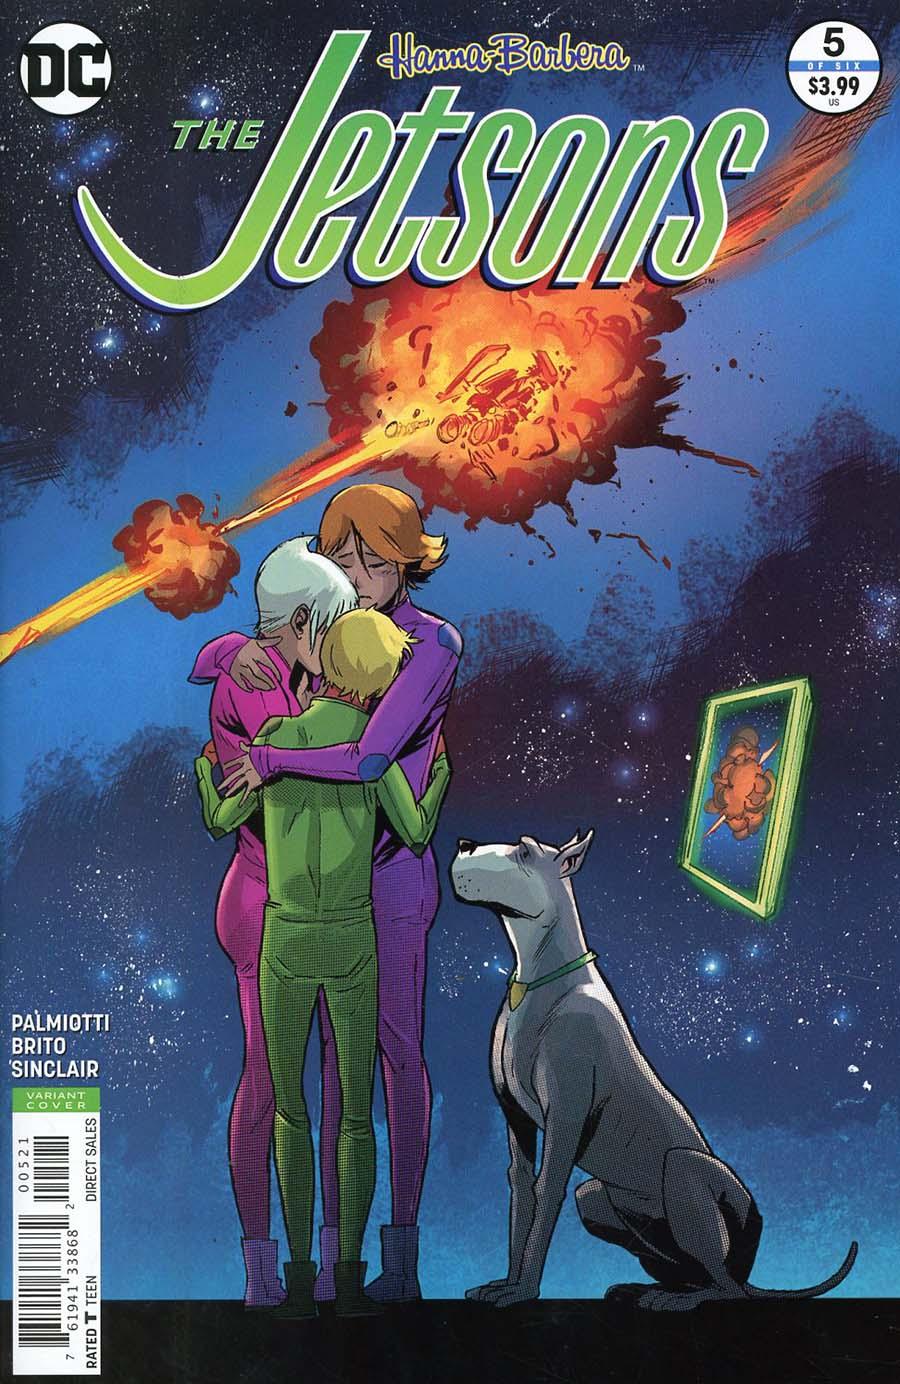 Jetsons (DC) #5 Cover B Variant Sanford Greene Cover